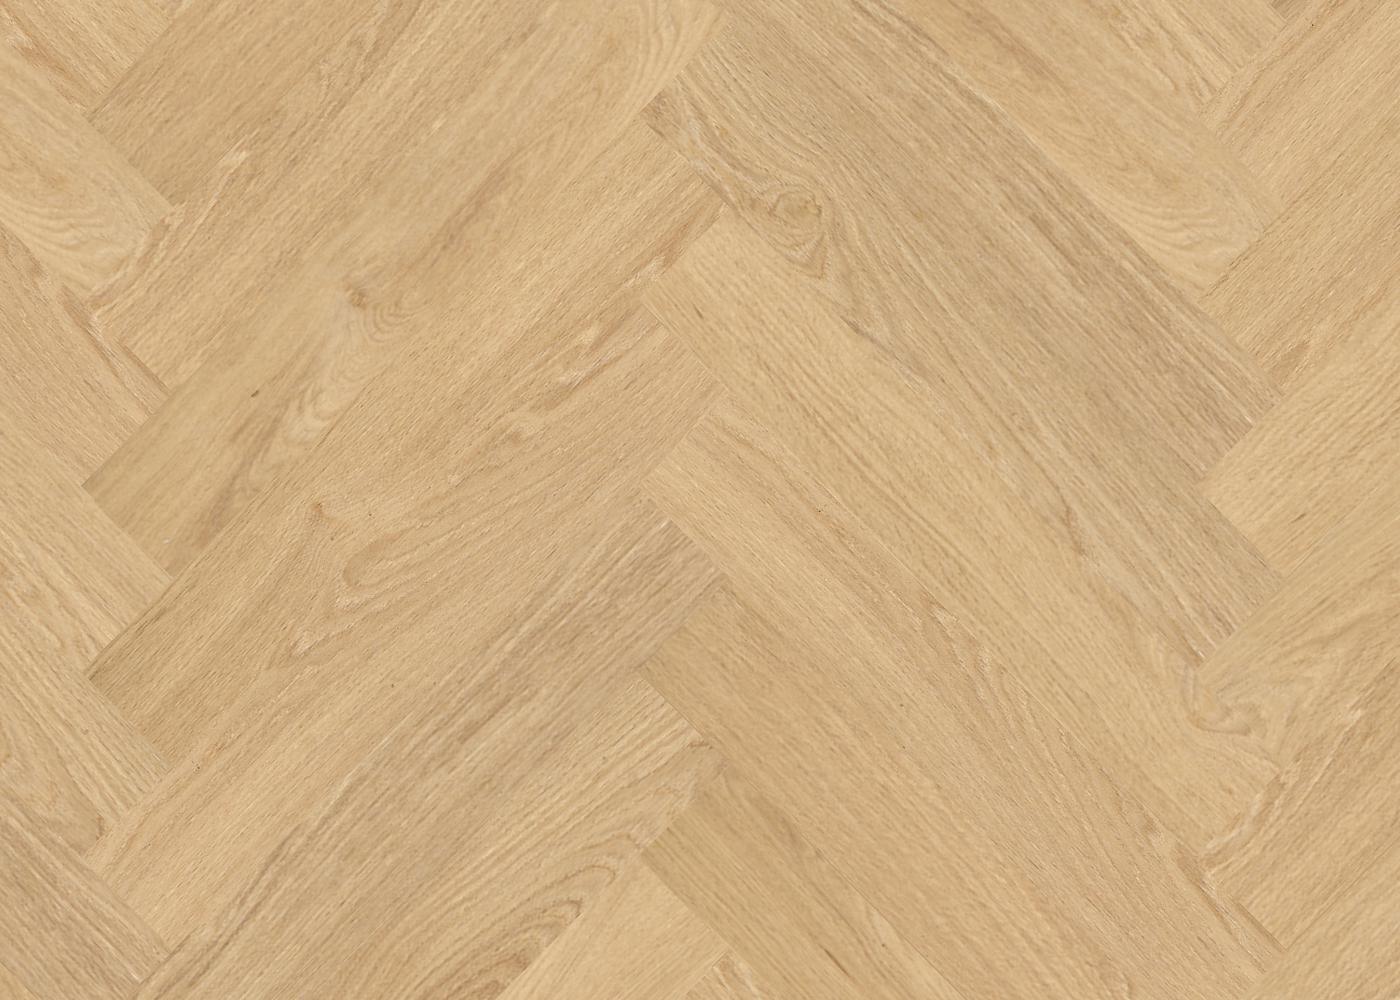 Vinyle rigide Chêne Uni Bâton rompu passage commercial 4.5x125x750